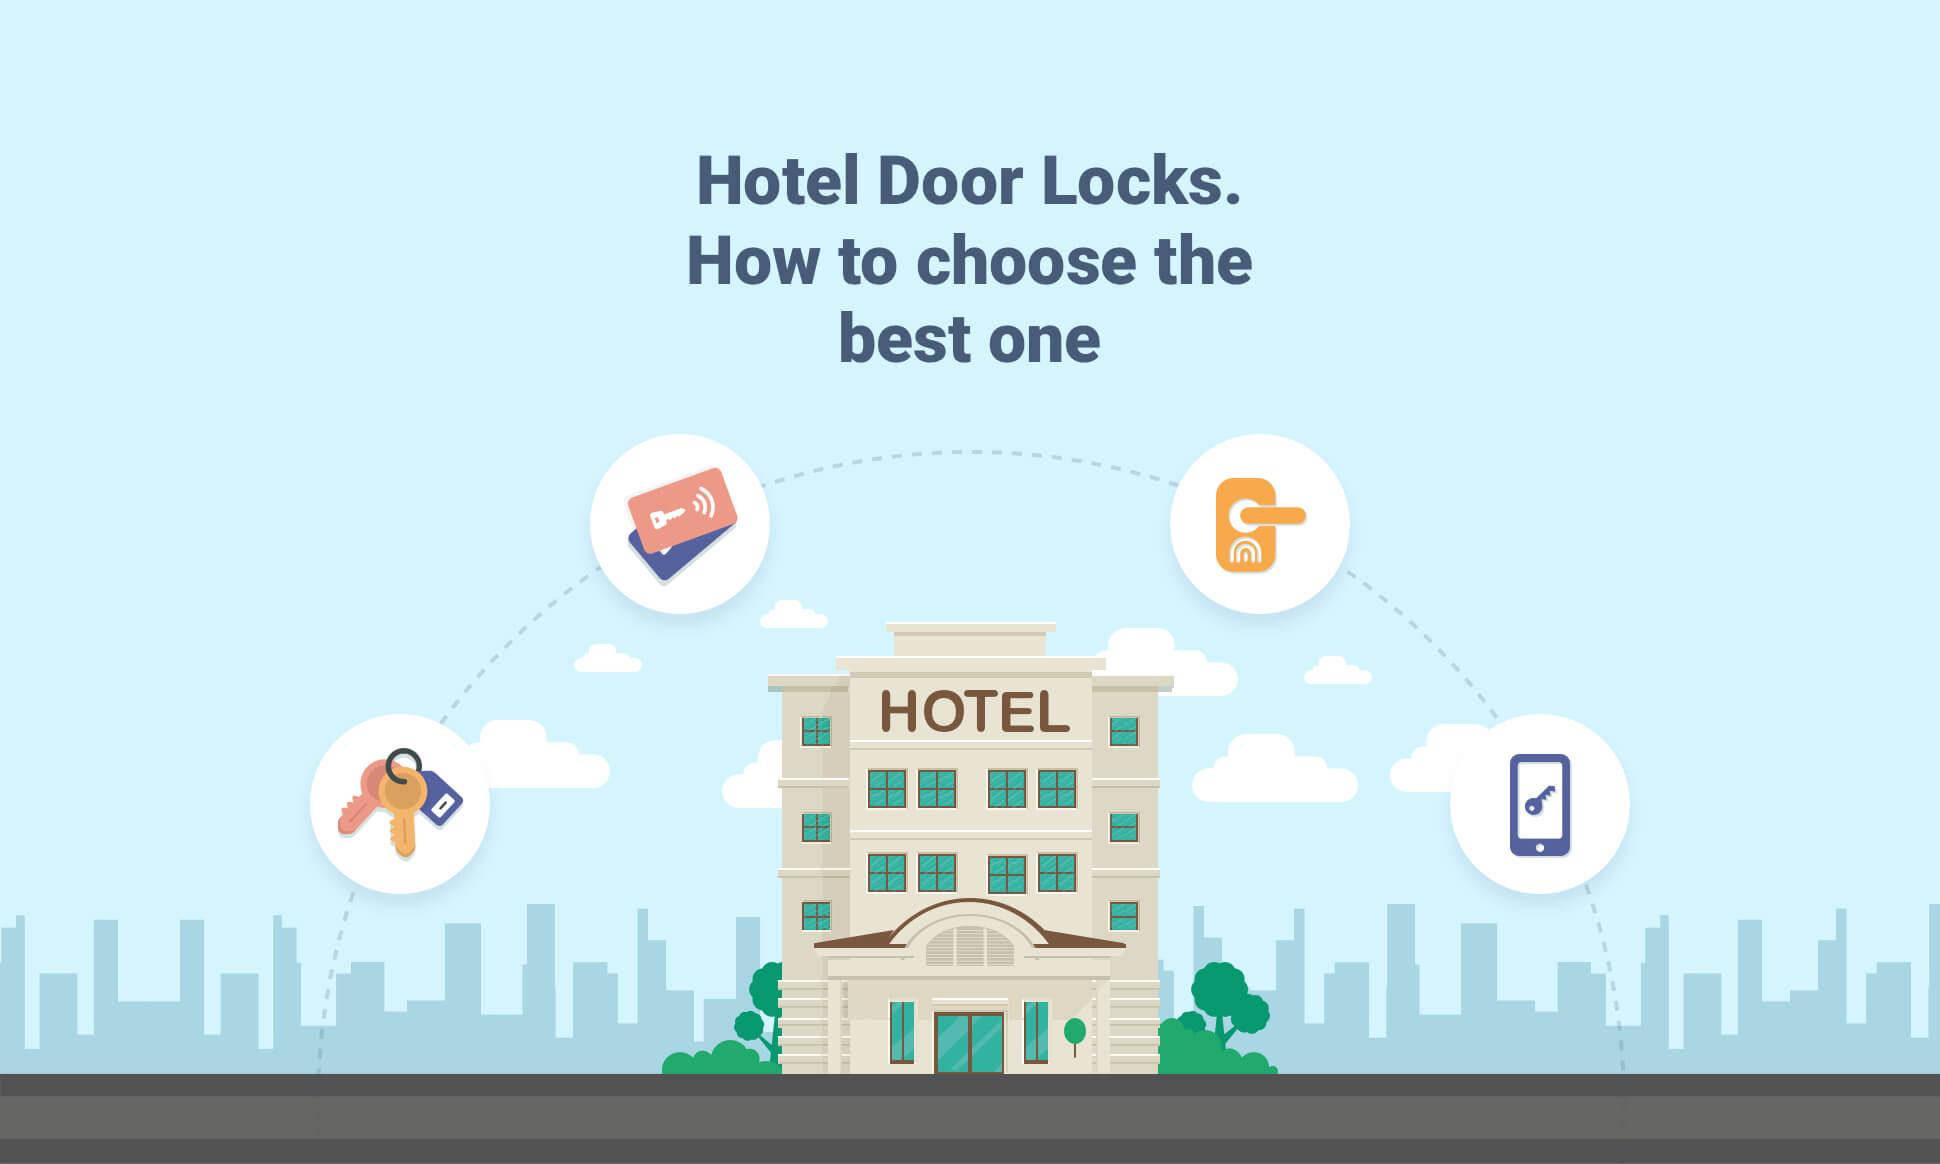 انواع قفل هتلی